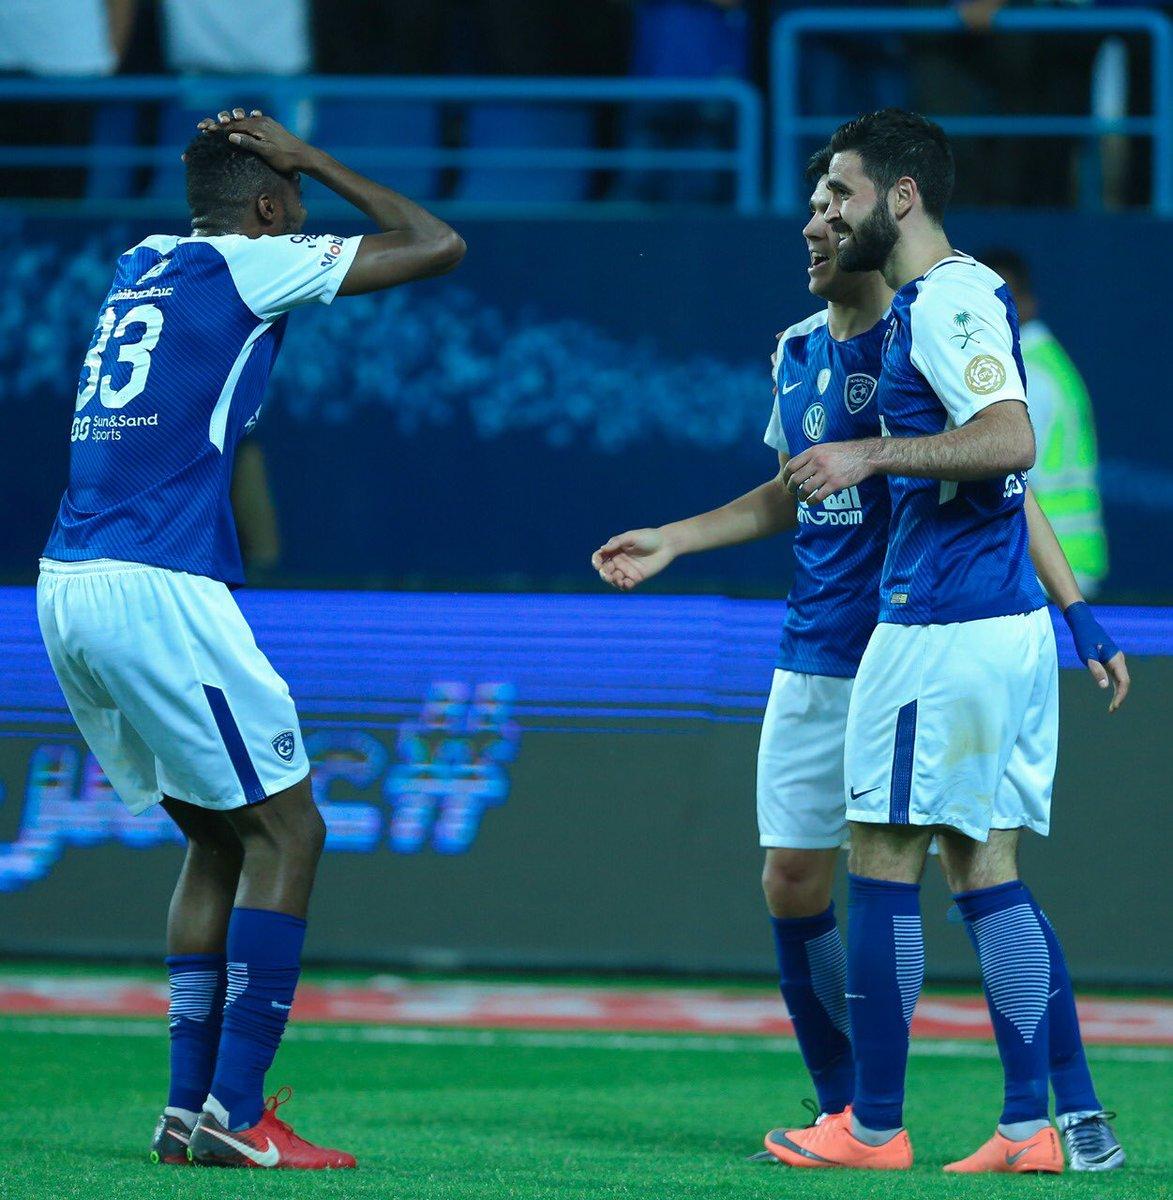 Al Hilal - Saudi Pro League - SPL